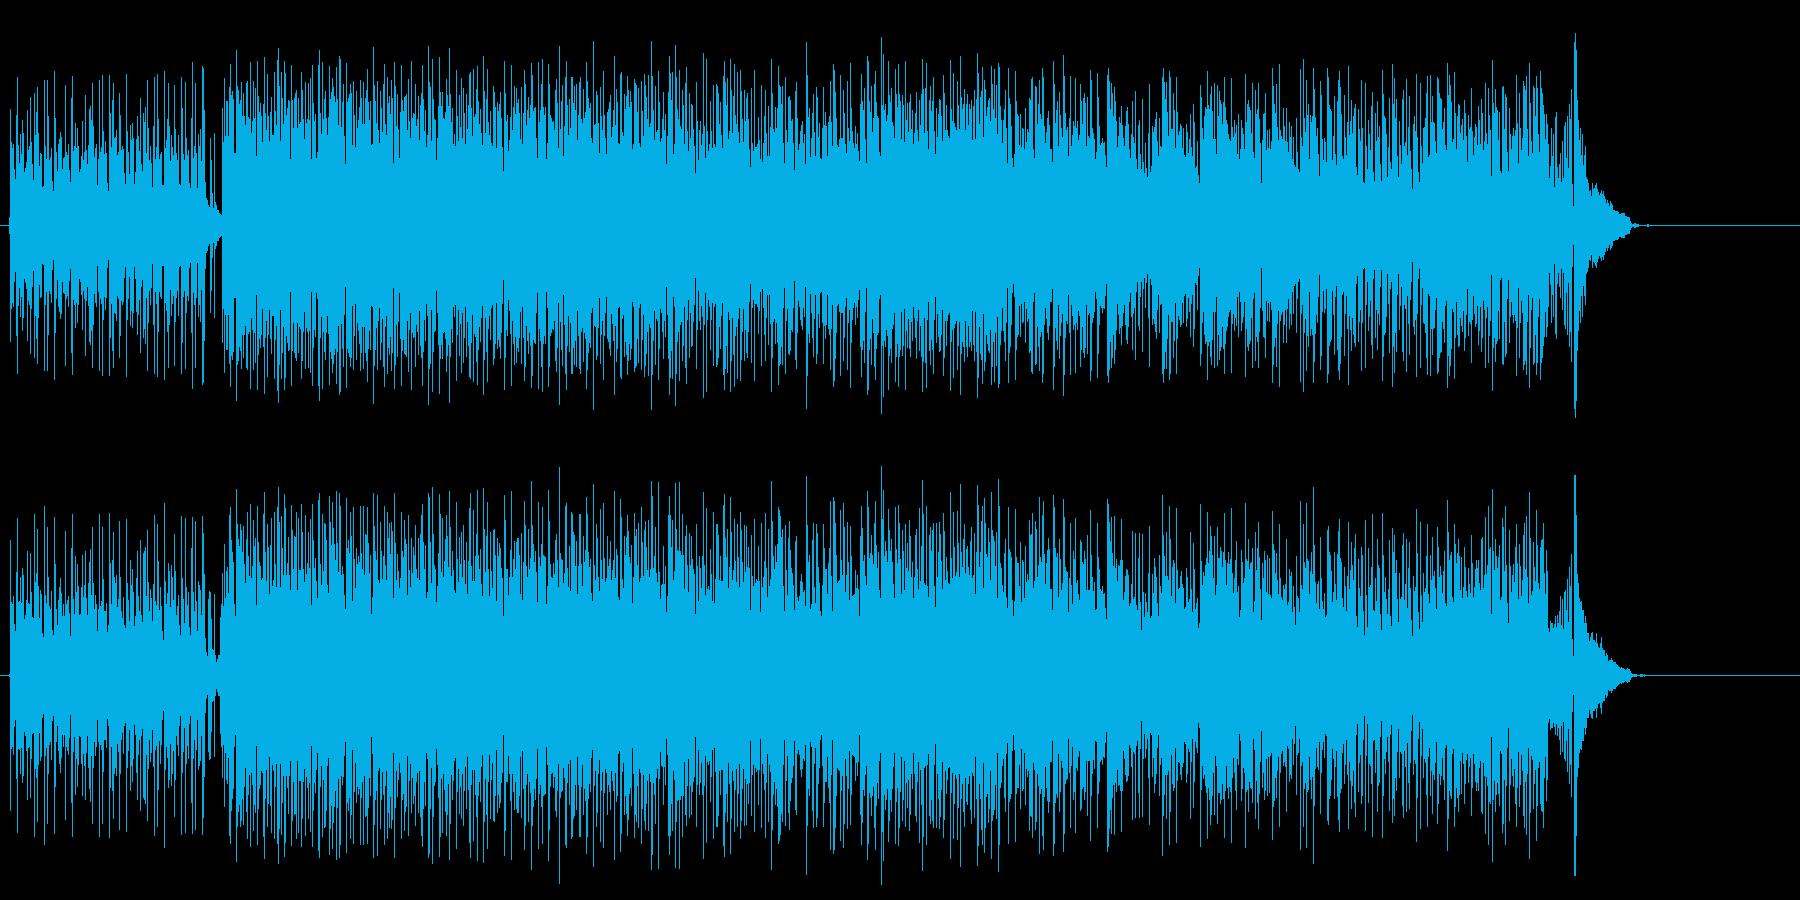 無機質なエレクトリック・ポップスの再生済みの波形